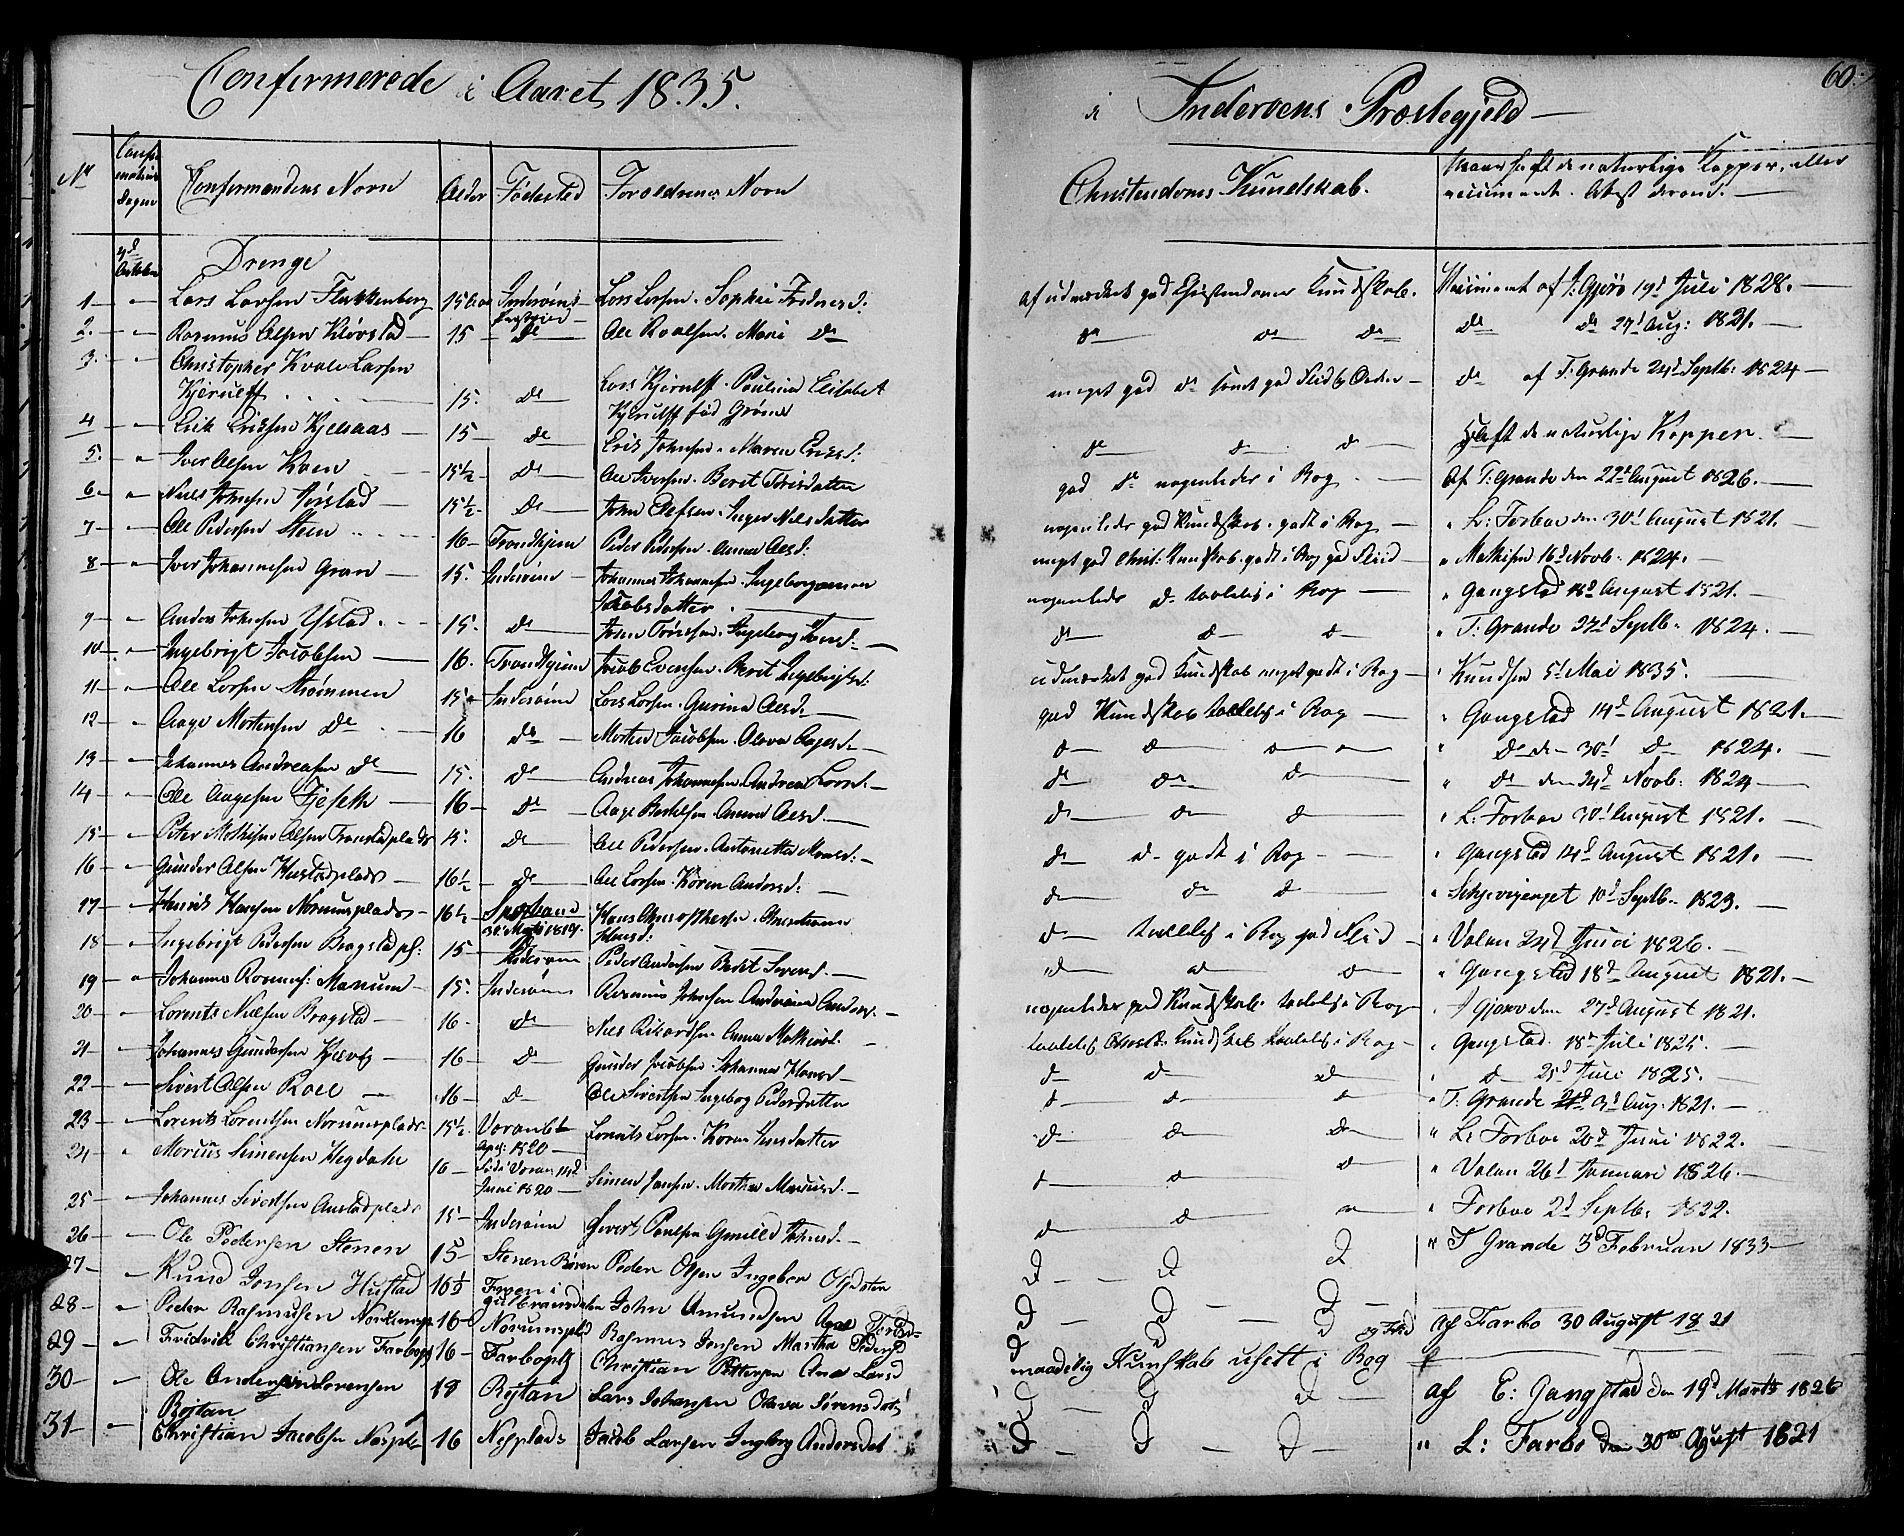 SAT, Ministerialprotokoller, klokkerbøker og fødselsregistre - Nord-Trøndelag, 730/L0277: Ministerialbok nr. 730A06 /1, 1830-1839, s. 60